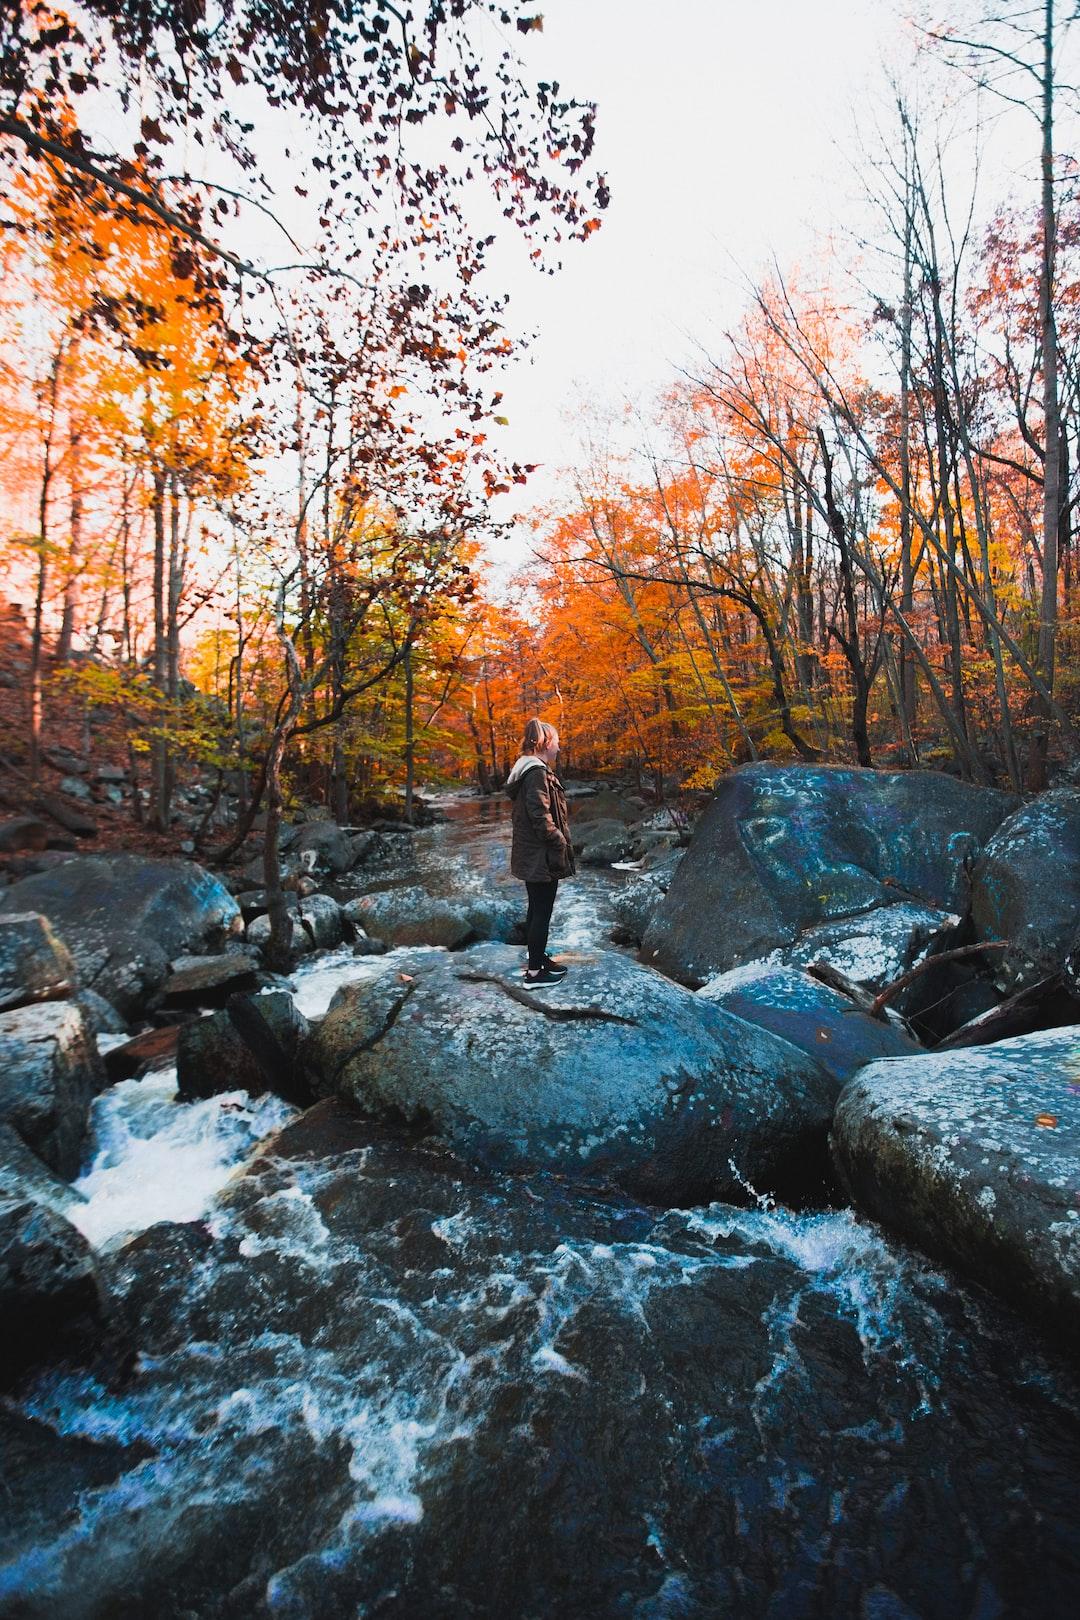 Creek with QT